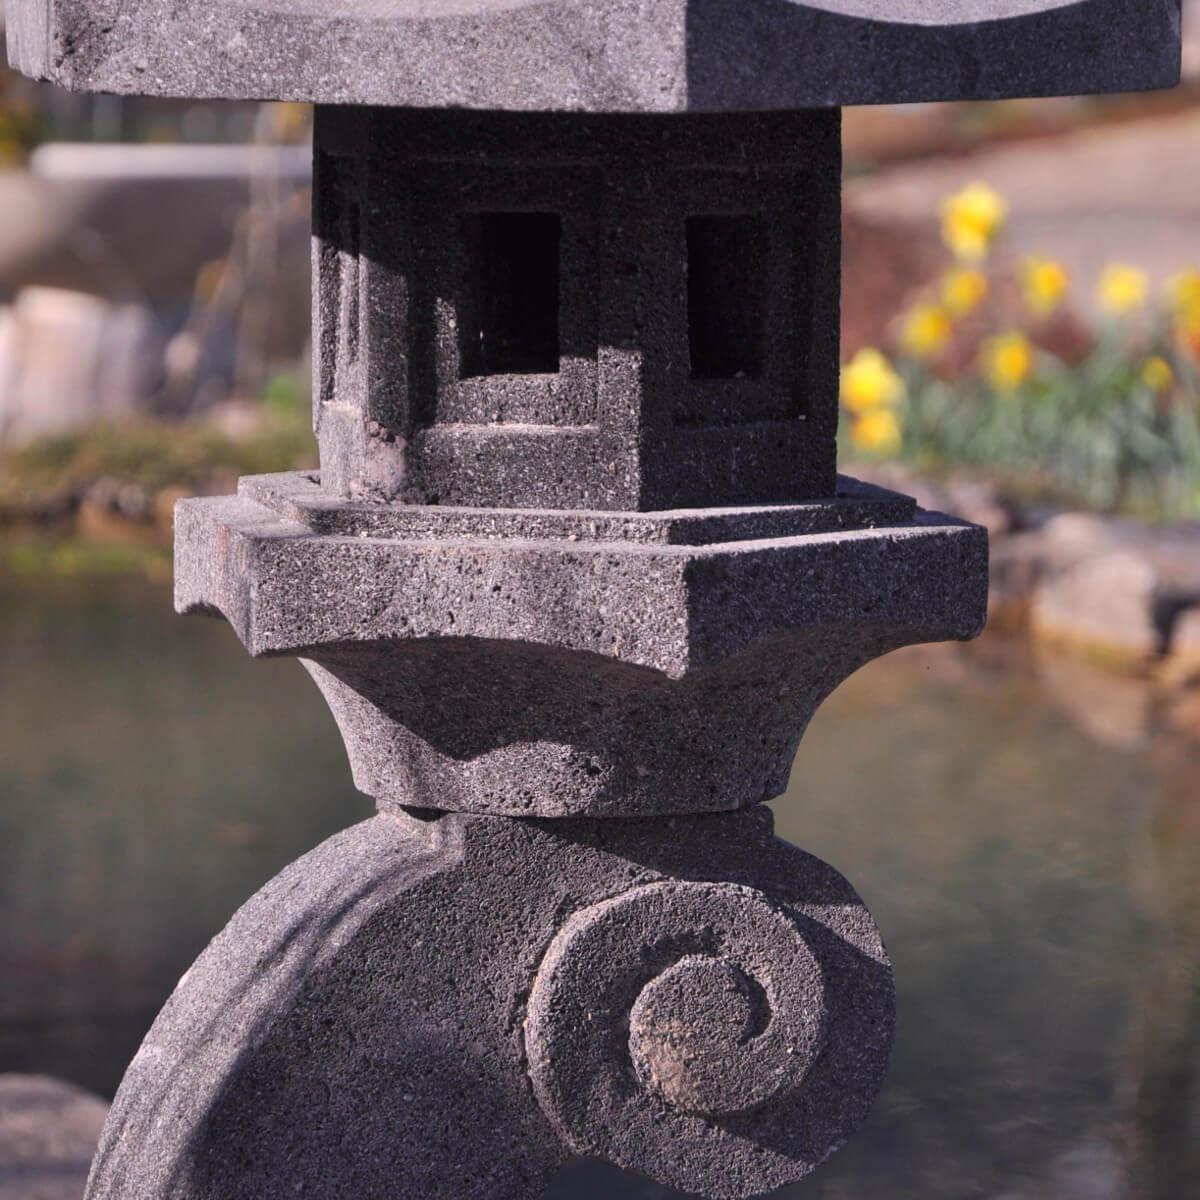 eclairage jardin lanterne japonaise pierre de lave l 36 x p 36 x h 85 cm. Black Bedroom Furniture Sets. Home Design Ideas